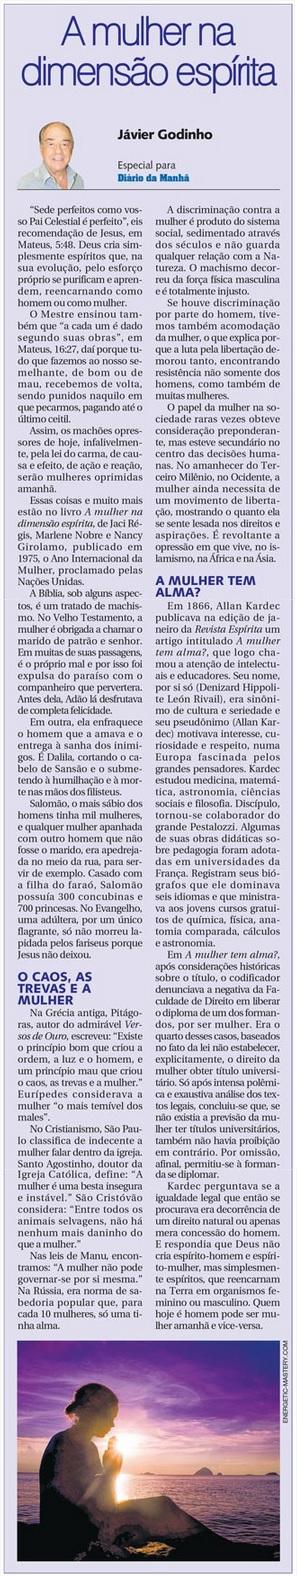 DM 11-03-2015 - A mulher na visão espírita - Jávier Godinho